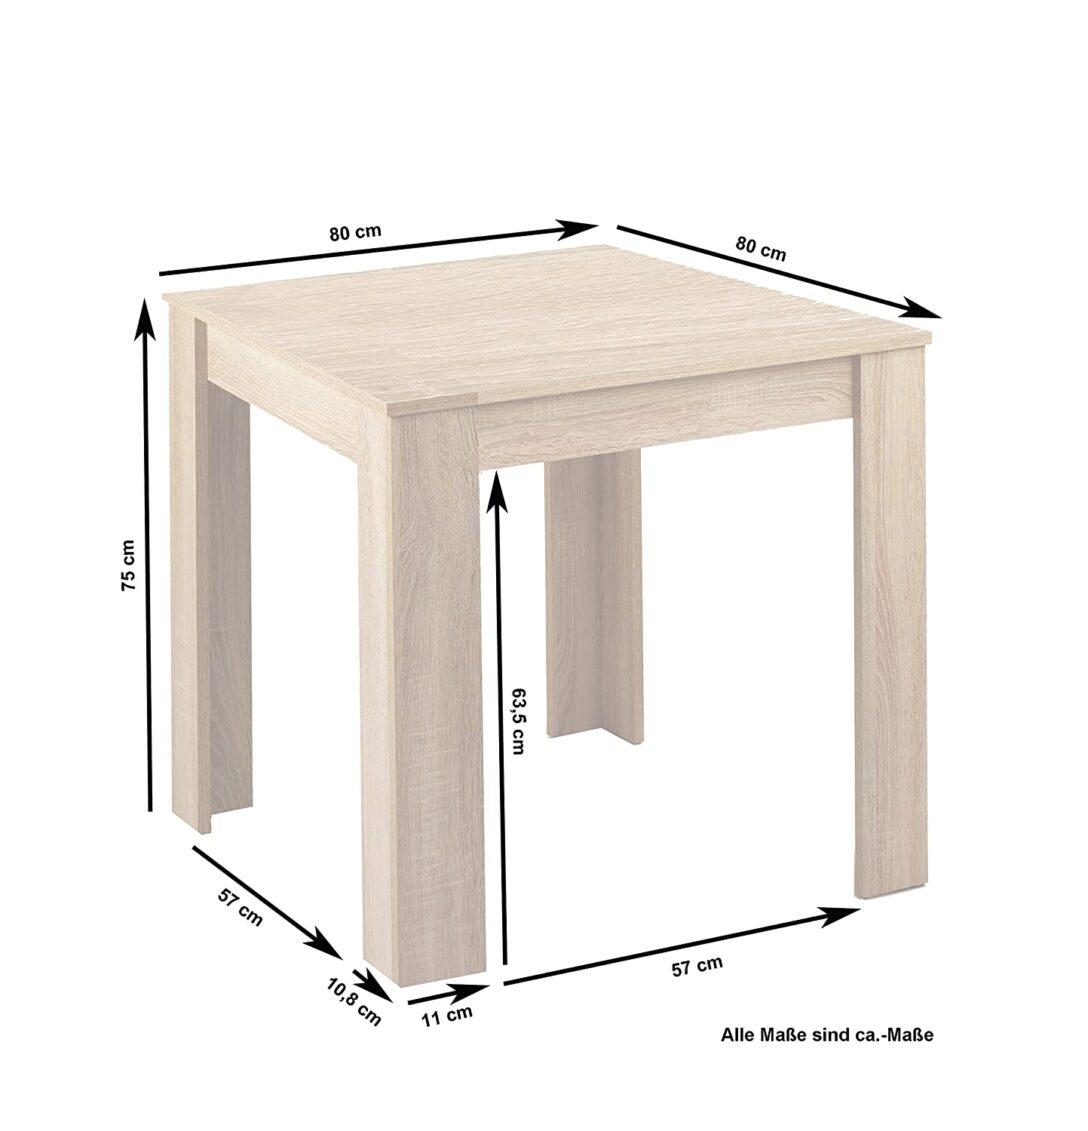 Large Size of Kleiner Esstisch Fr 2 Personen Musterring Oval Weiß Beton Ausziehbar Esstische Rund 160 Rustikal Holz Runder Massivholz Industrial Esstische Kleiner Esstisch